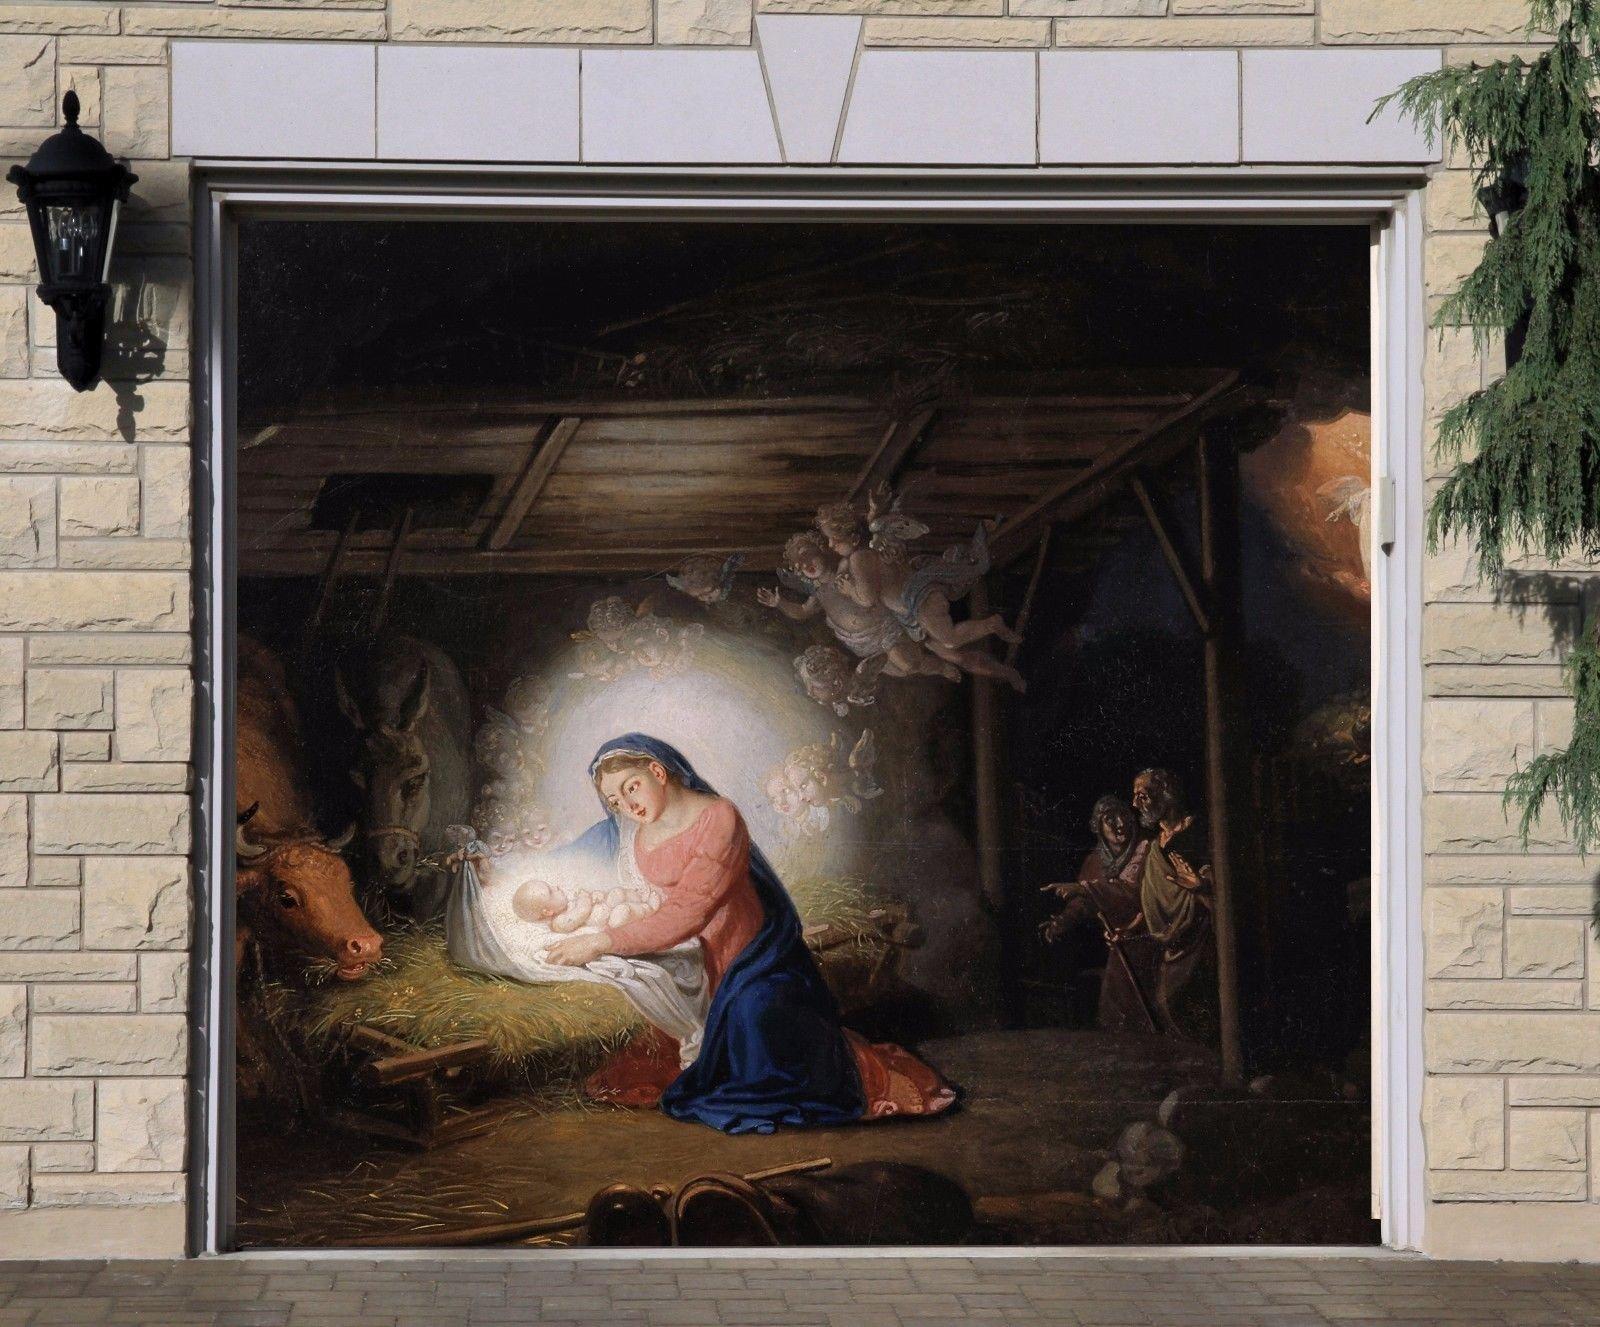 Single Garage Door Outdoor Christmas Murals Nativity Scene Garage Door Banner Covers Billboard House GarageJesus Holy Night Decor Full Color Decor 3D Effect Print Banner Size 83 x 96 inches DAV202